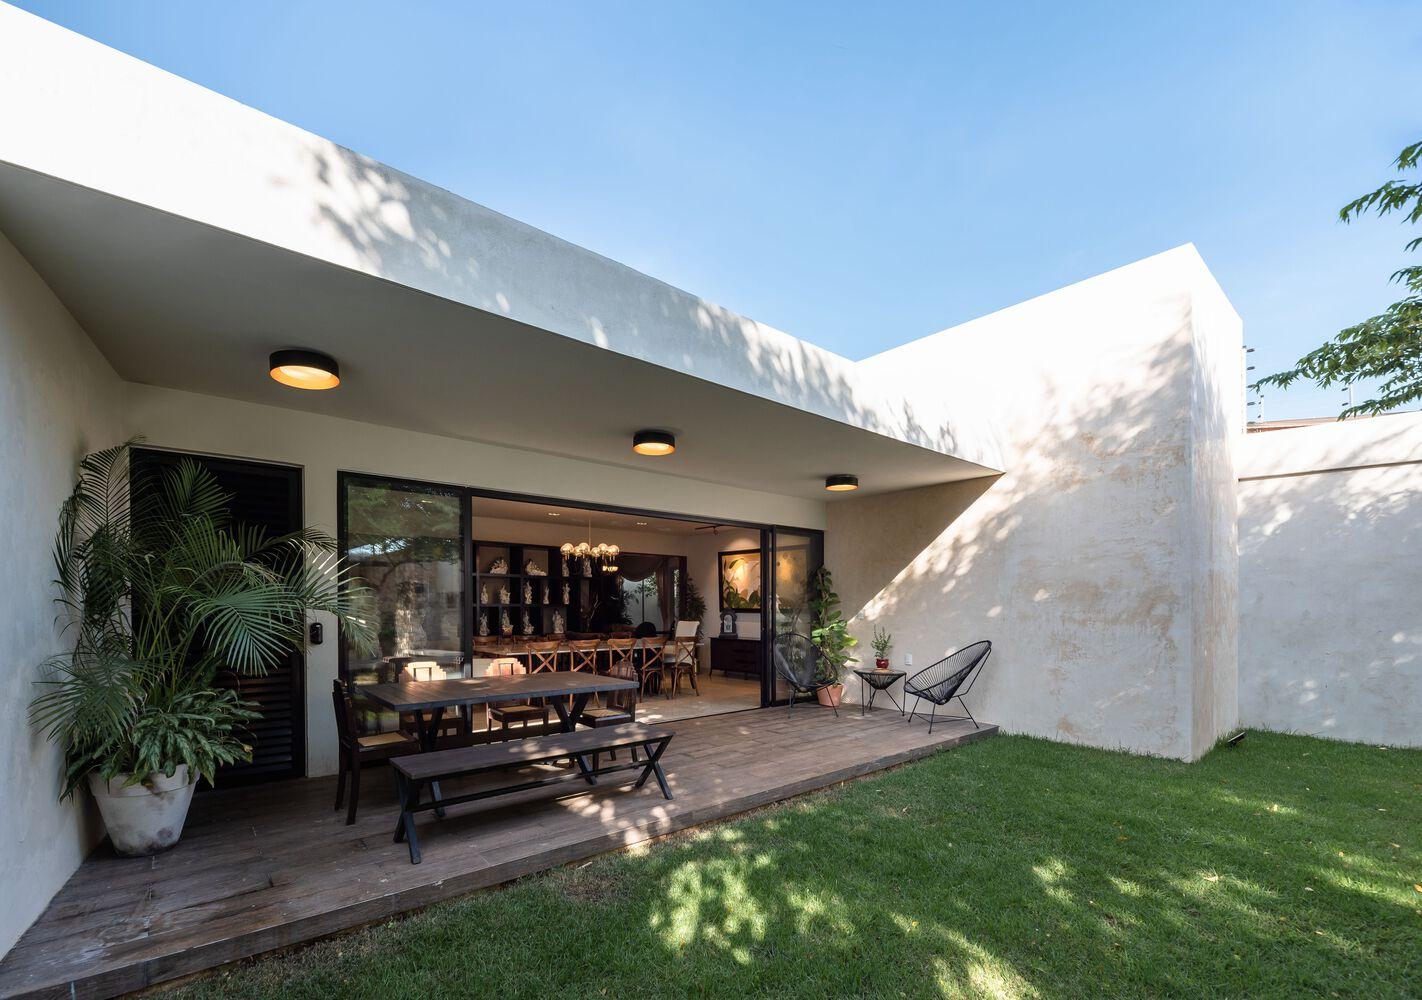 Projeto de reabilitação do estúdio Richaud Arquitectura